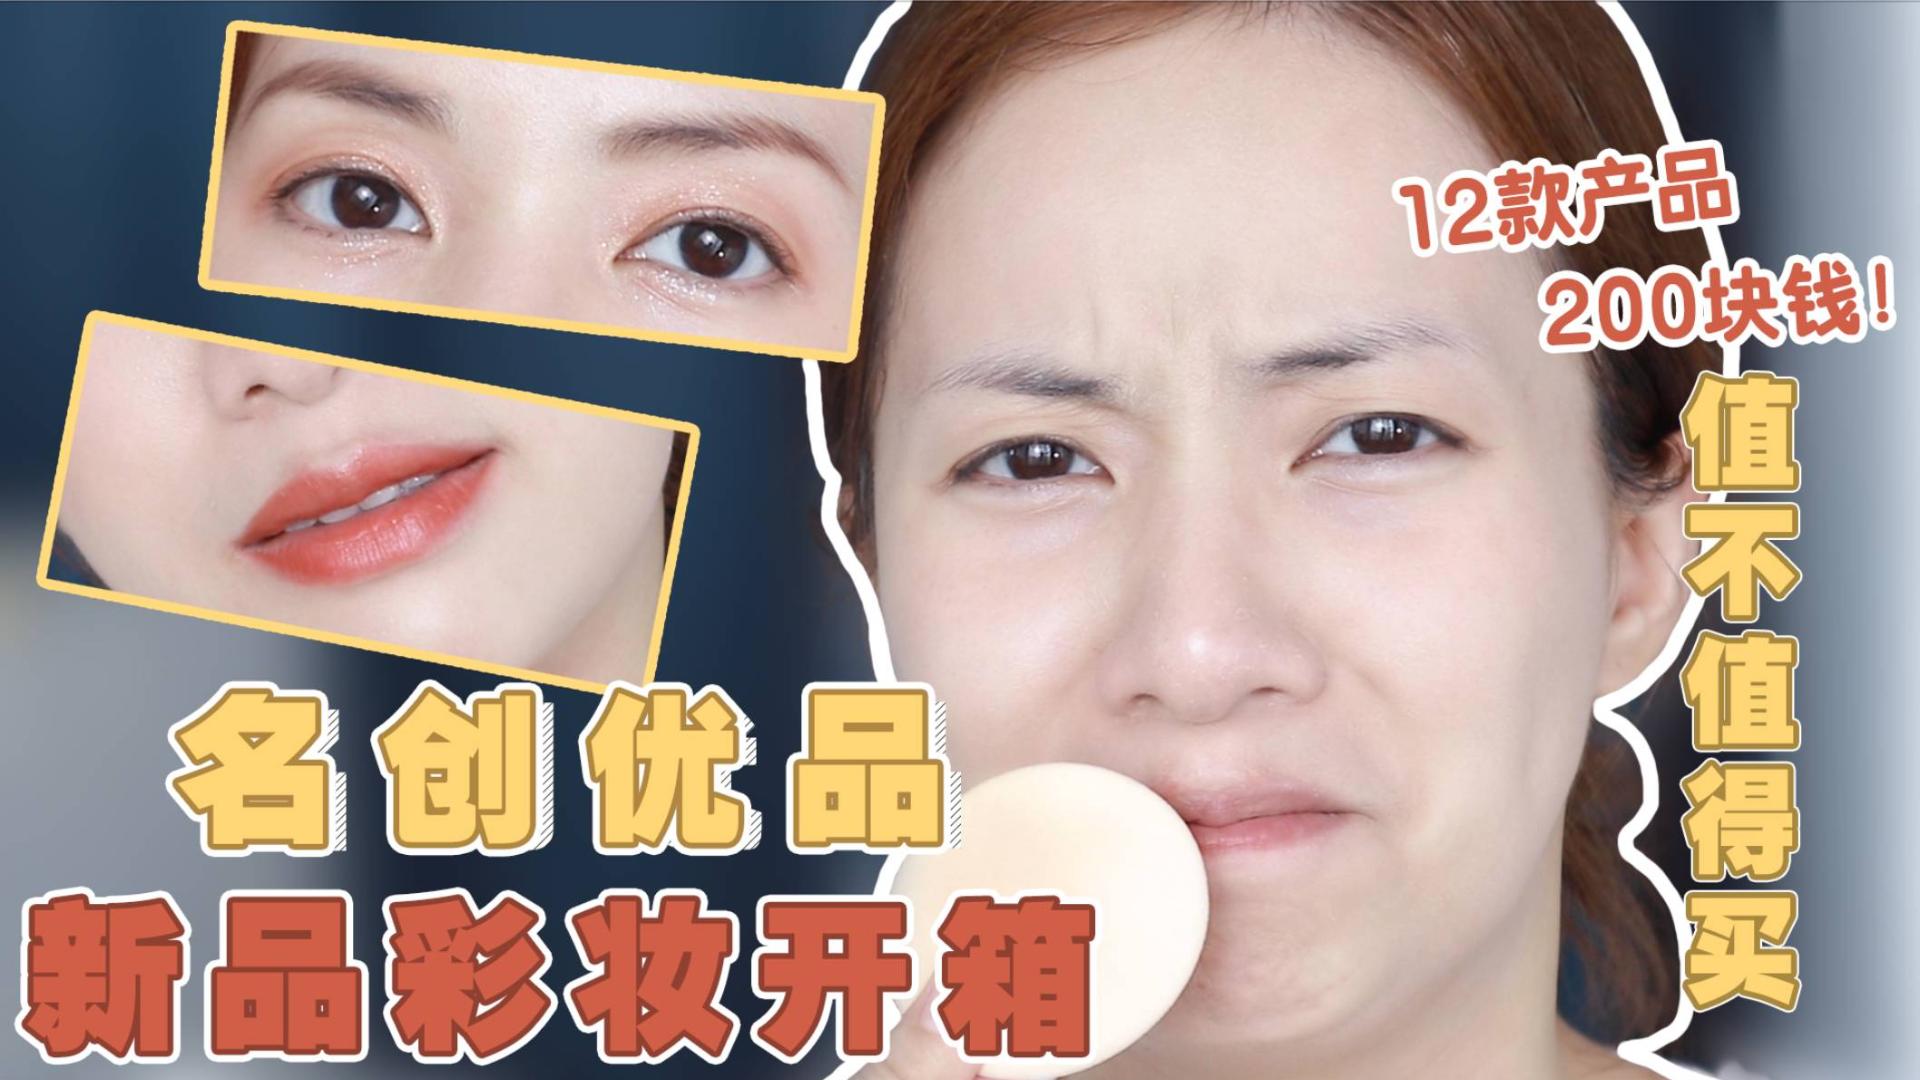 【MK凉凉】200块买12件名创优品彩妆!上脸的效果竟然还可?!